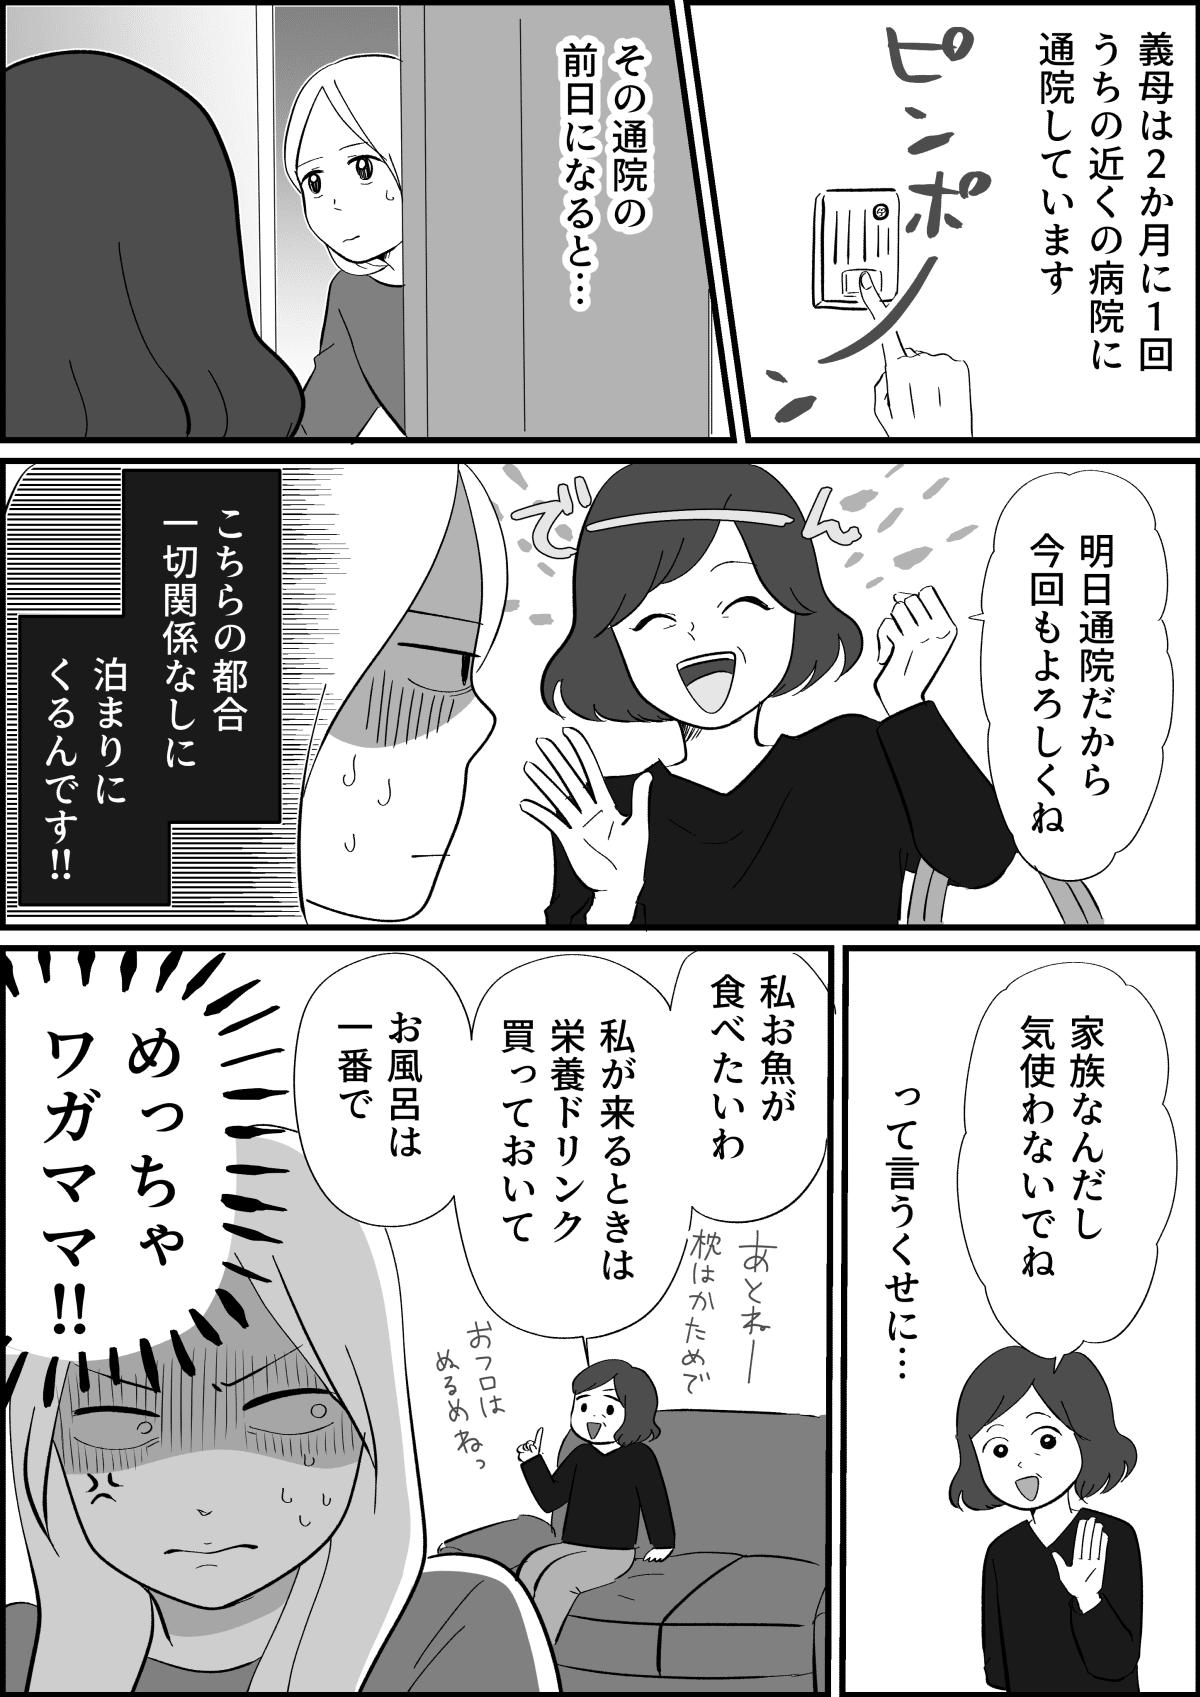 コミック_001 (7)